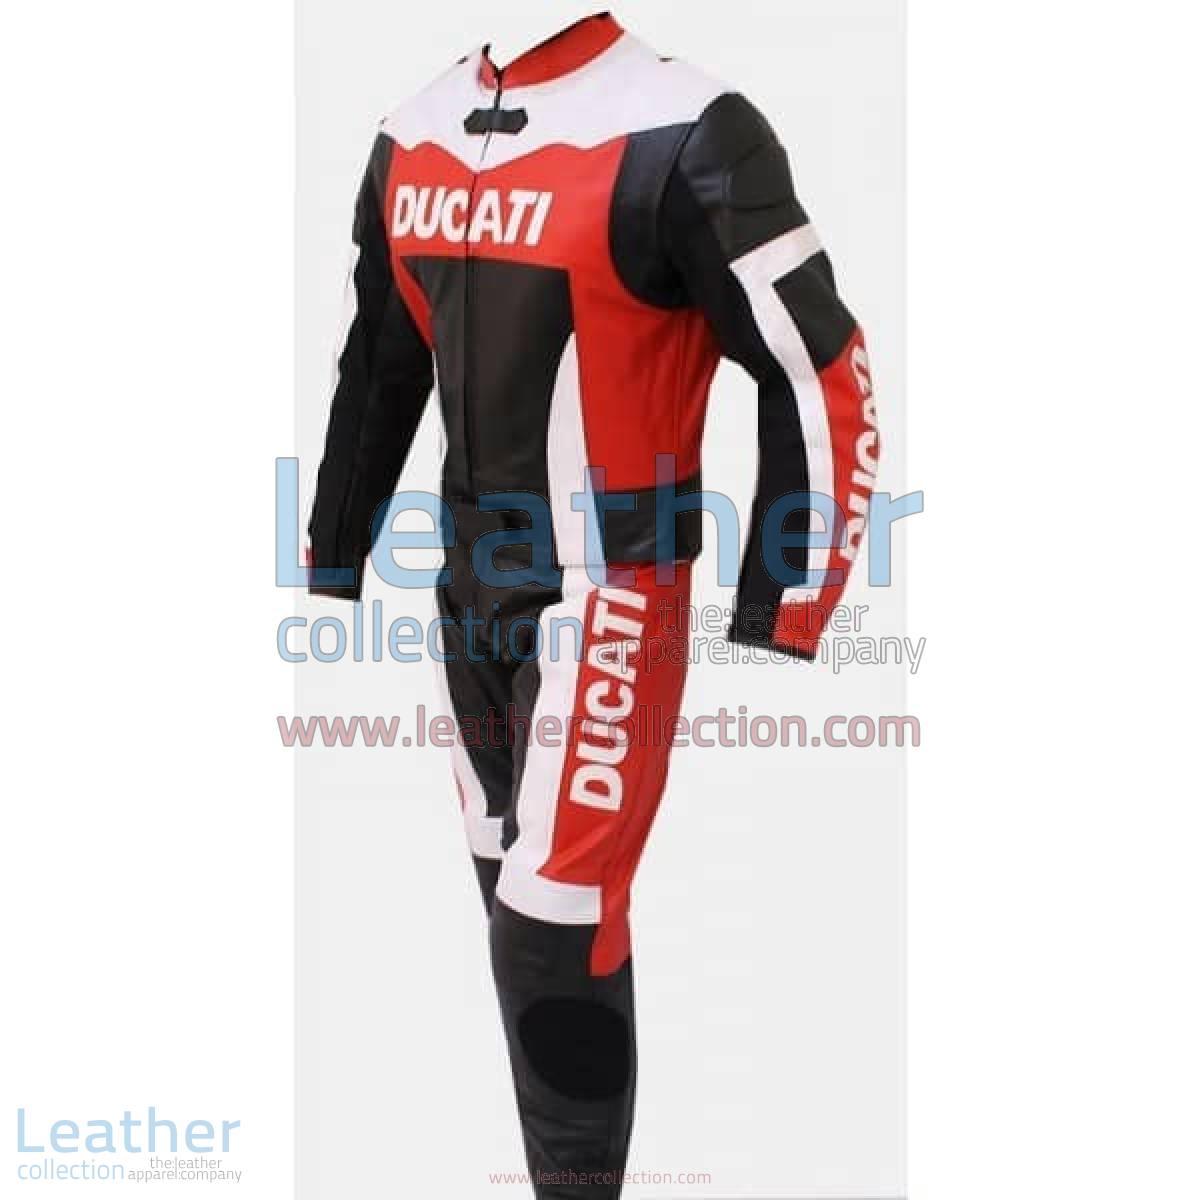 Ducati Motorbike Leather Suit | ducati leather